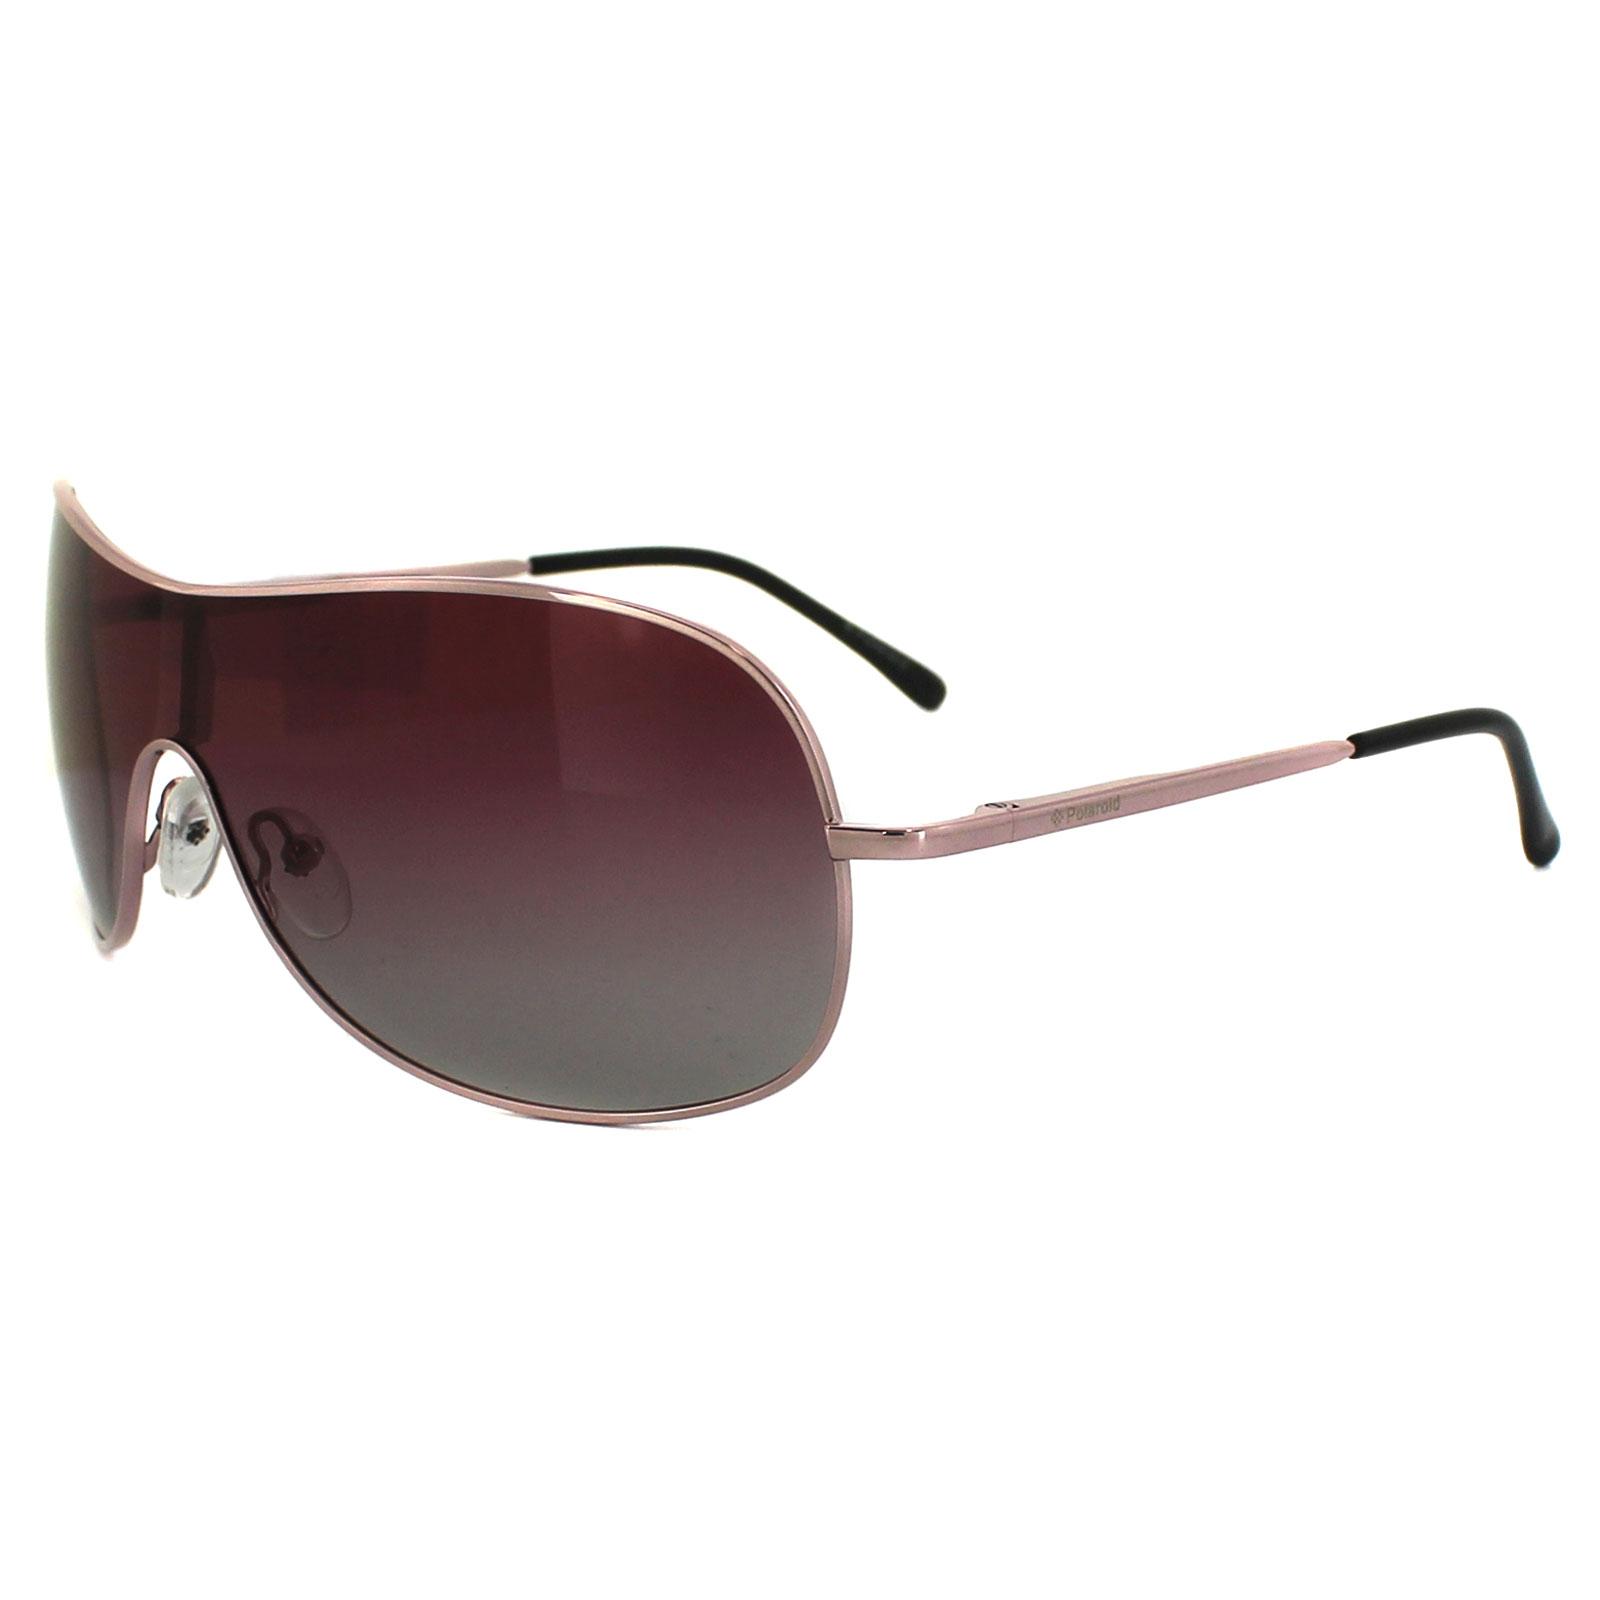 Prada Frames Lenscrafters Sunglasses